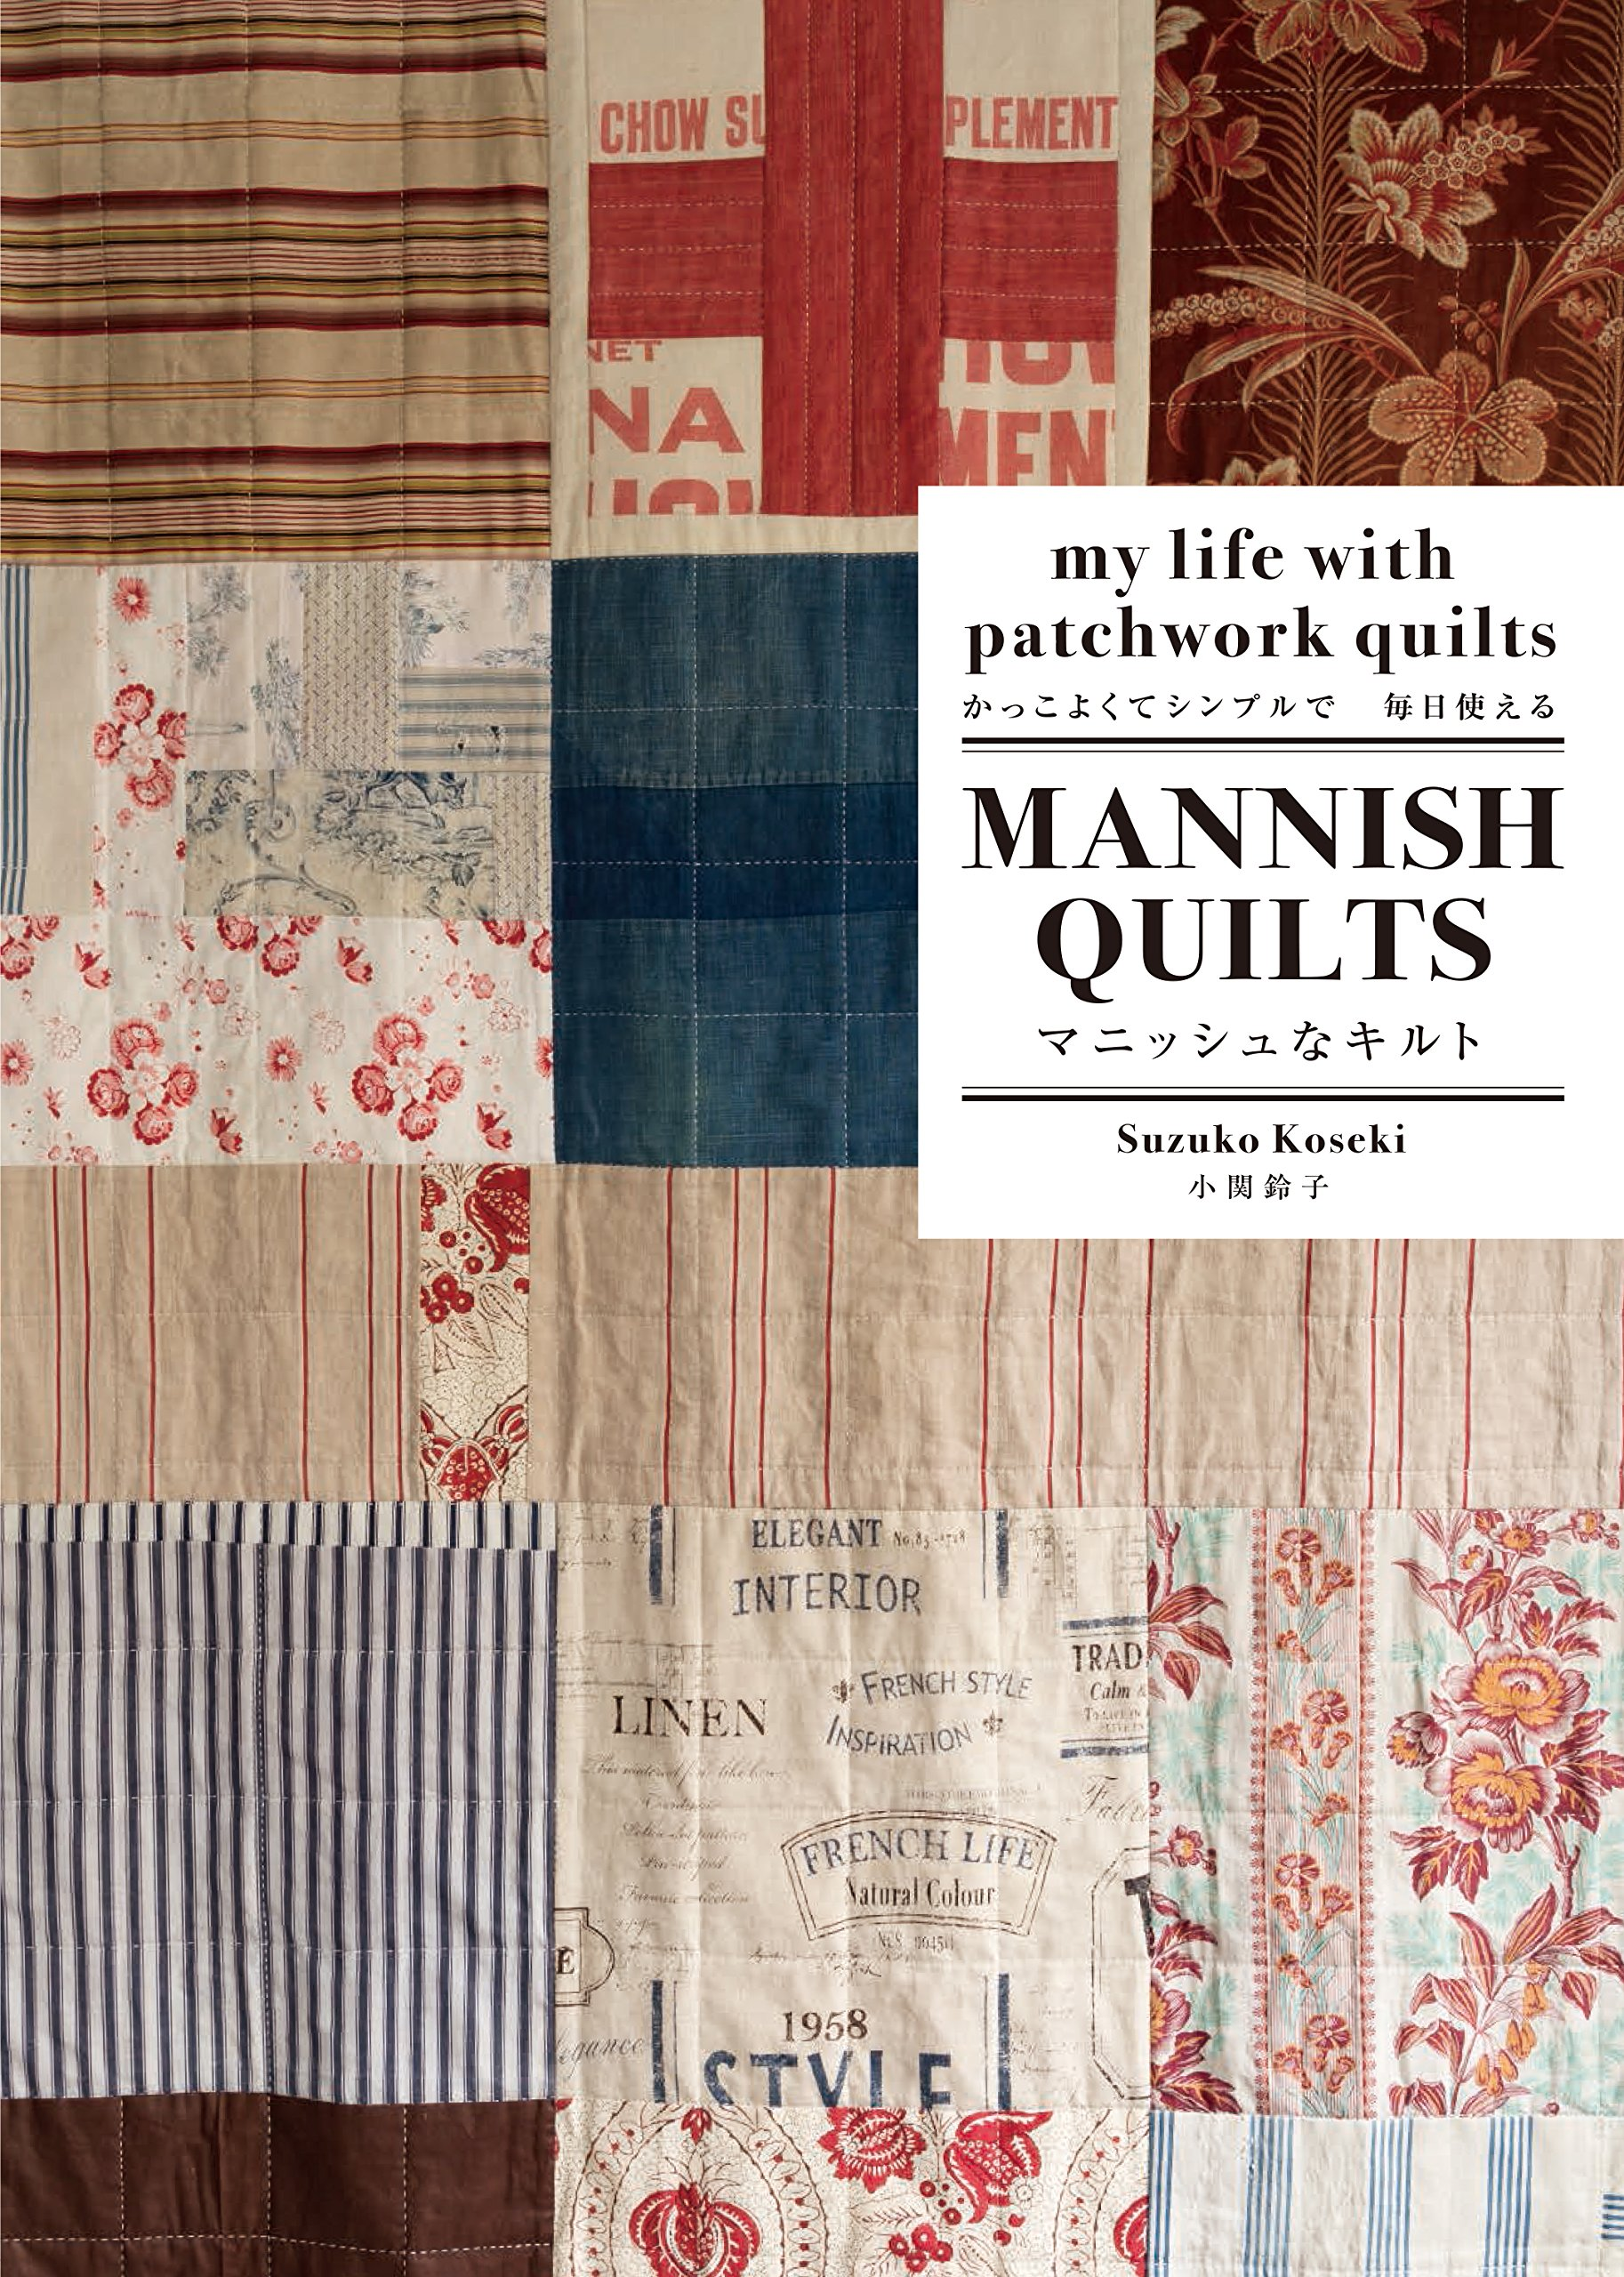 MANNISH QUILTS - Suzuko Koseki